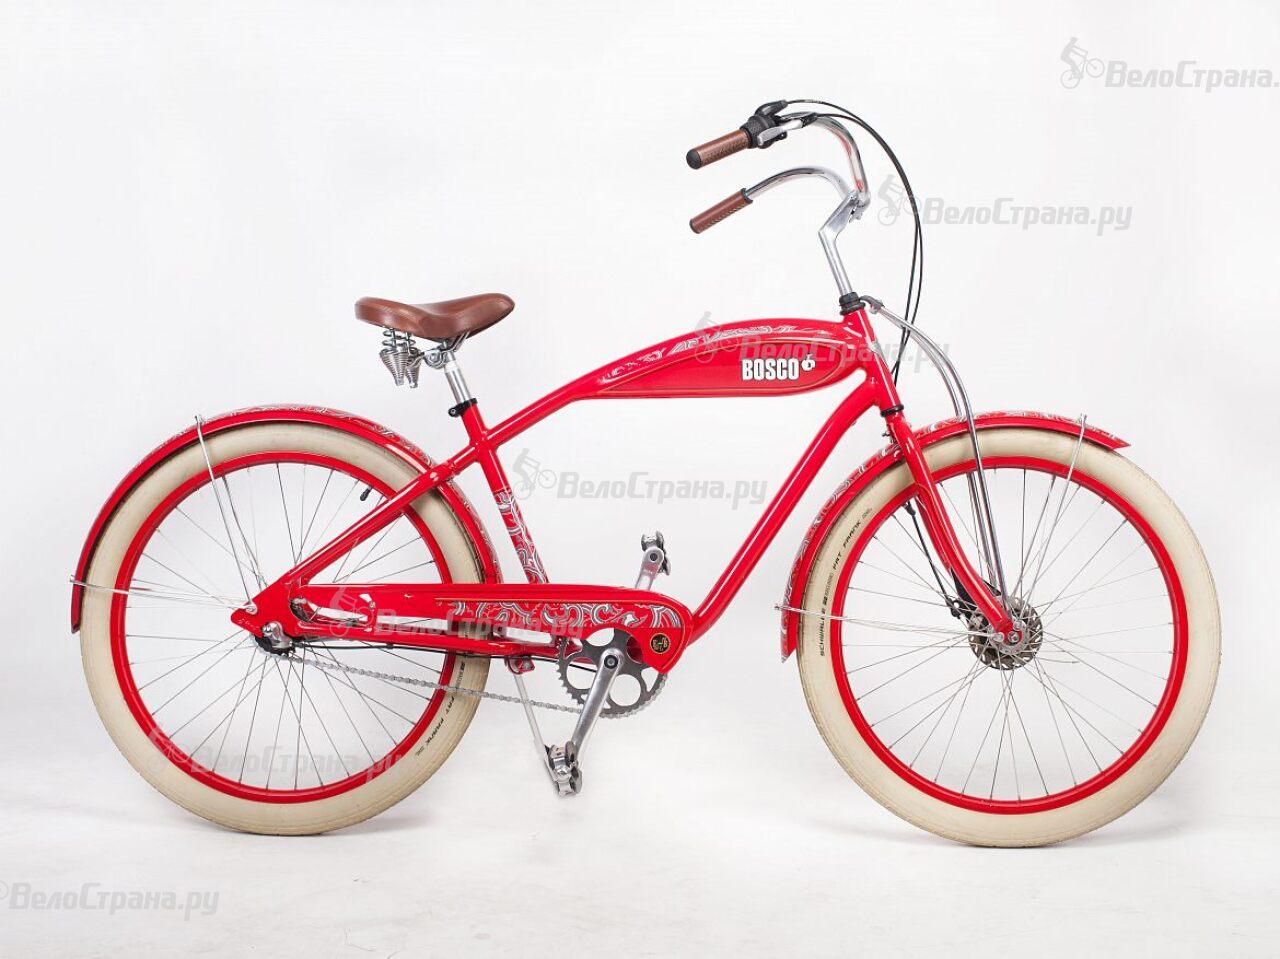 Велосипед Electra Cruiser Bosco 3i (2017)